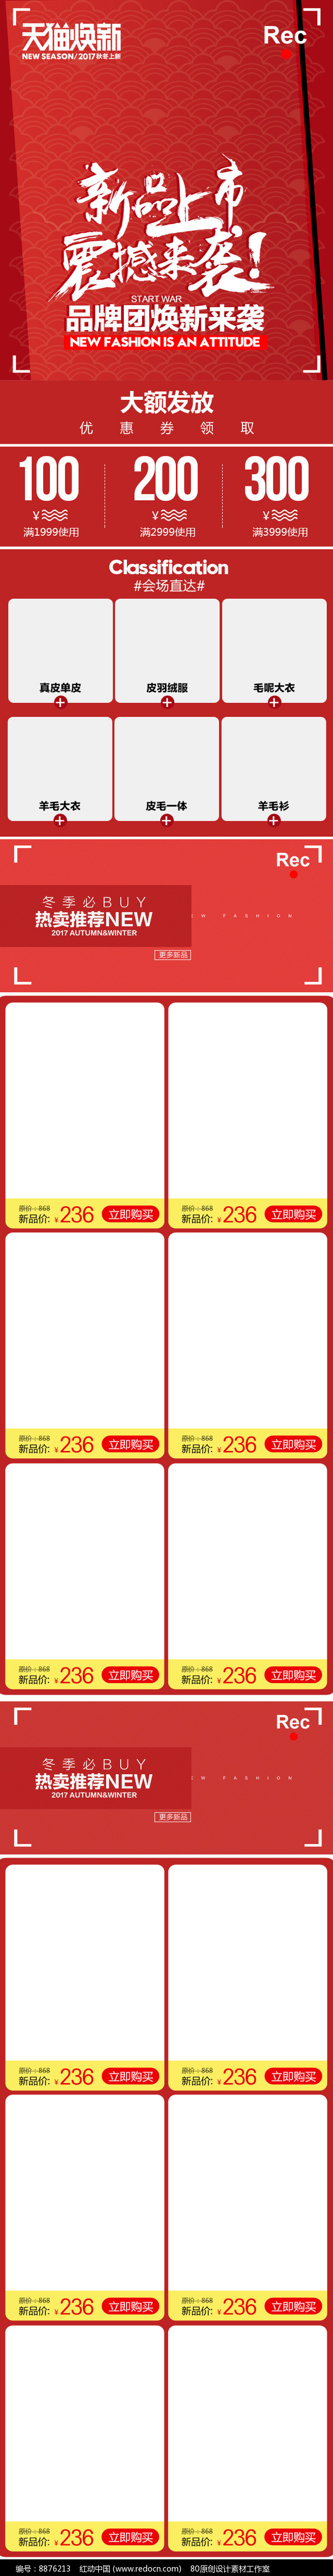 天猫新品上市手机端首页装修模板图片